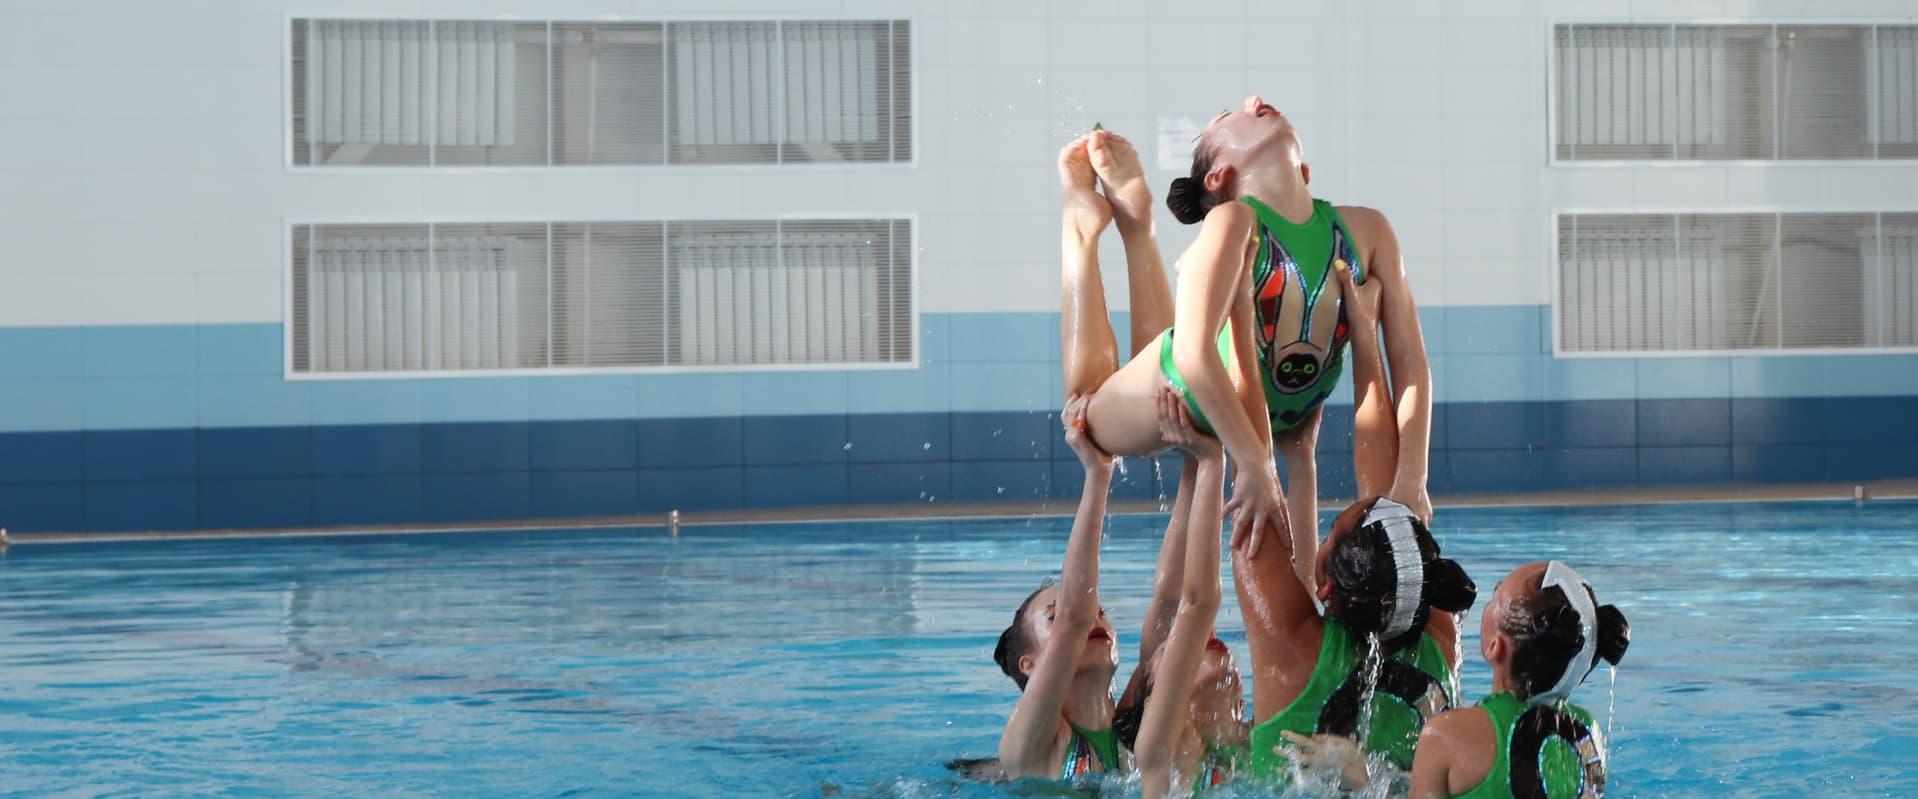 Синхронное плавание клубы в москве стриптиз бары меню